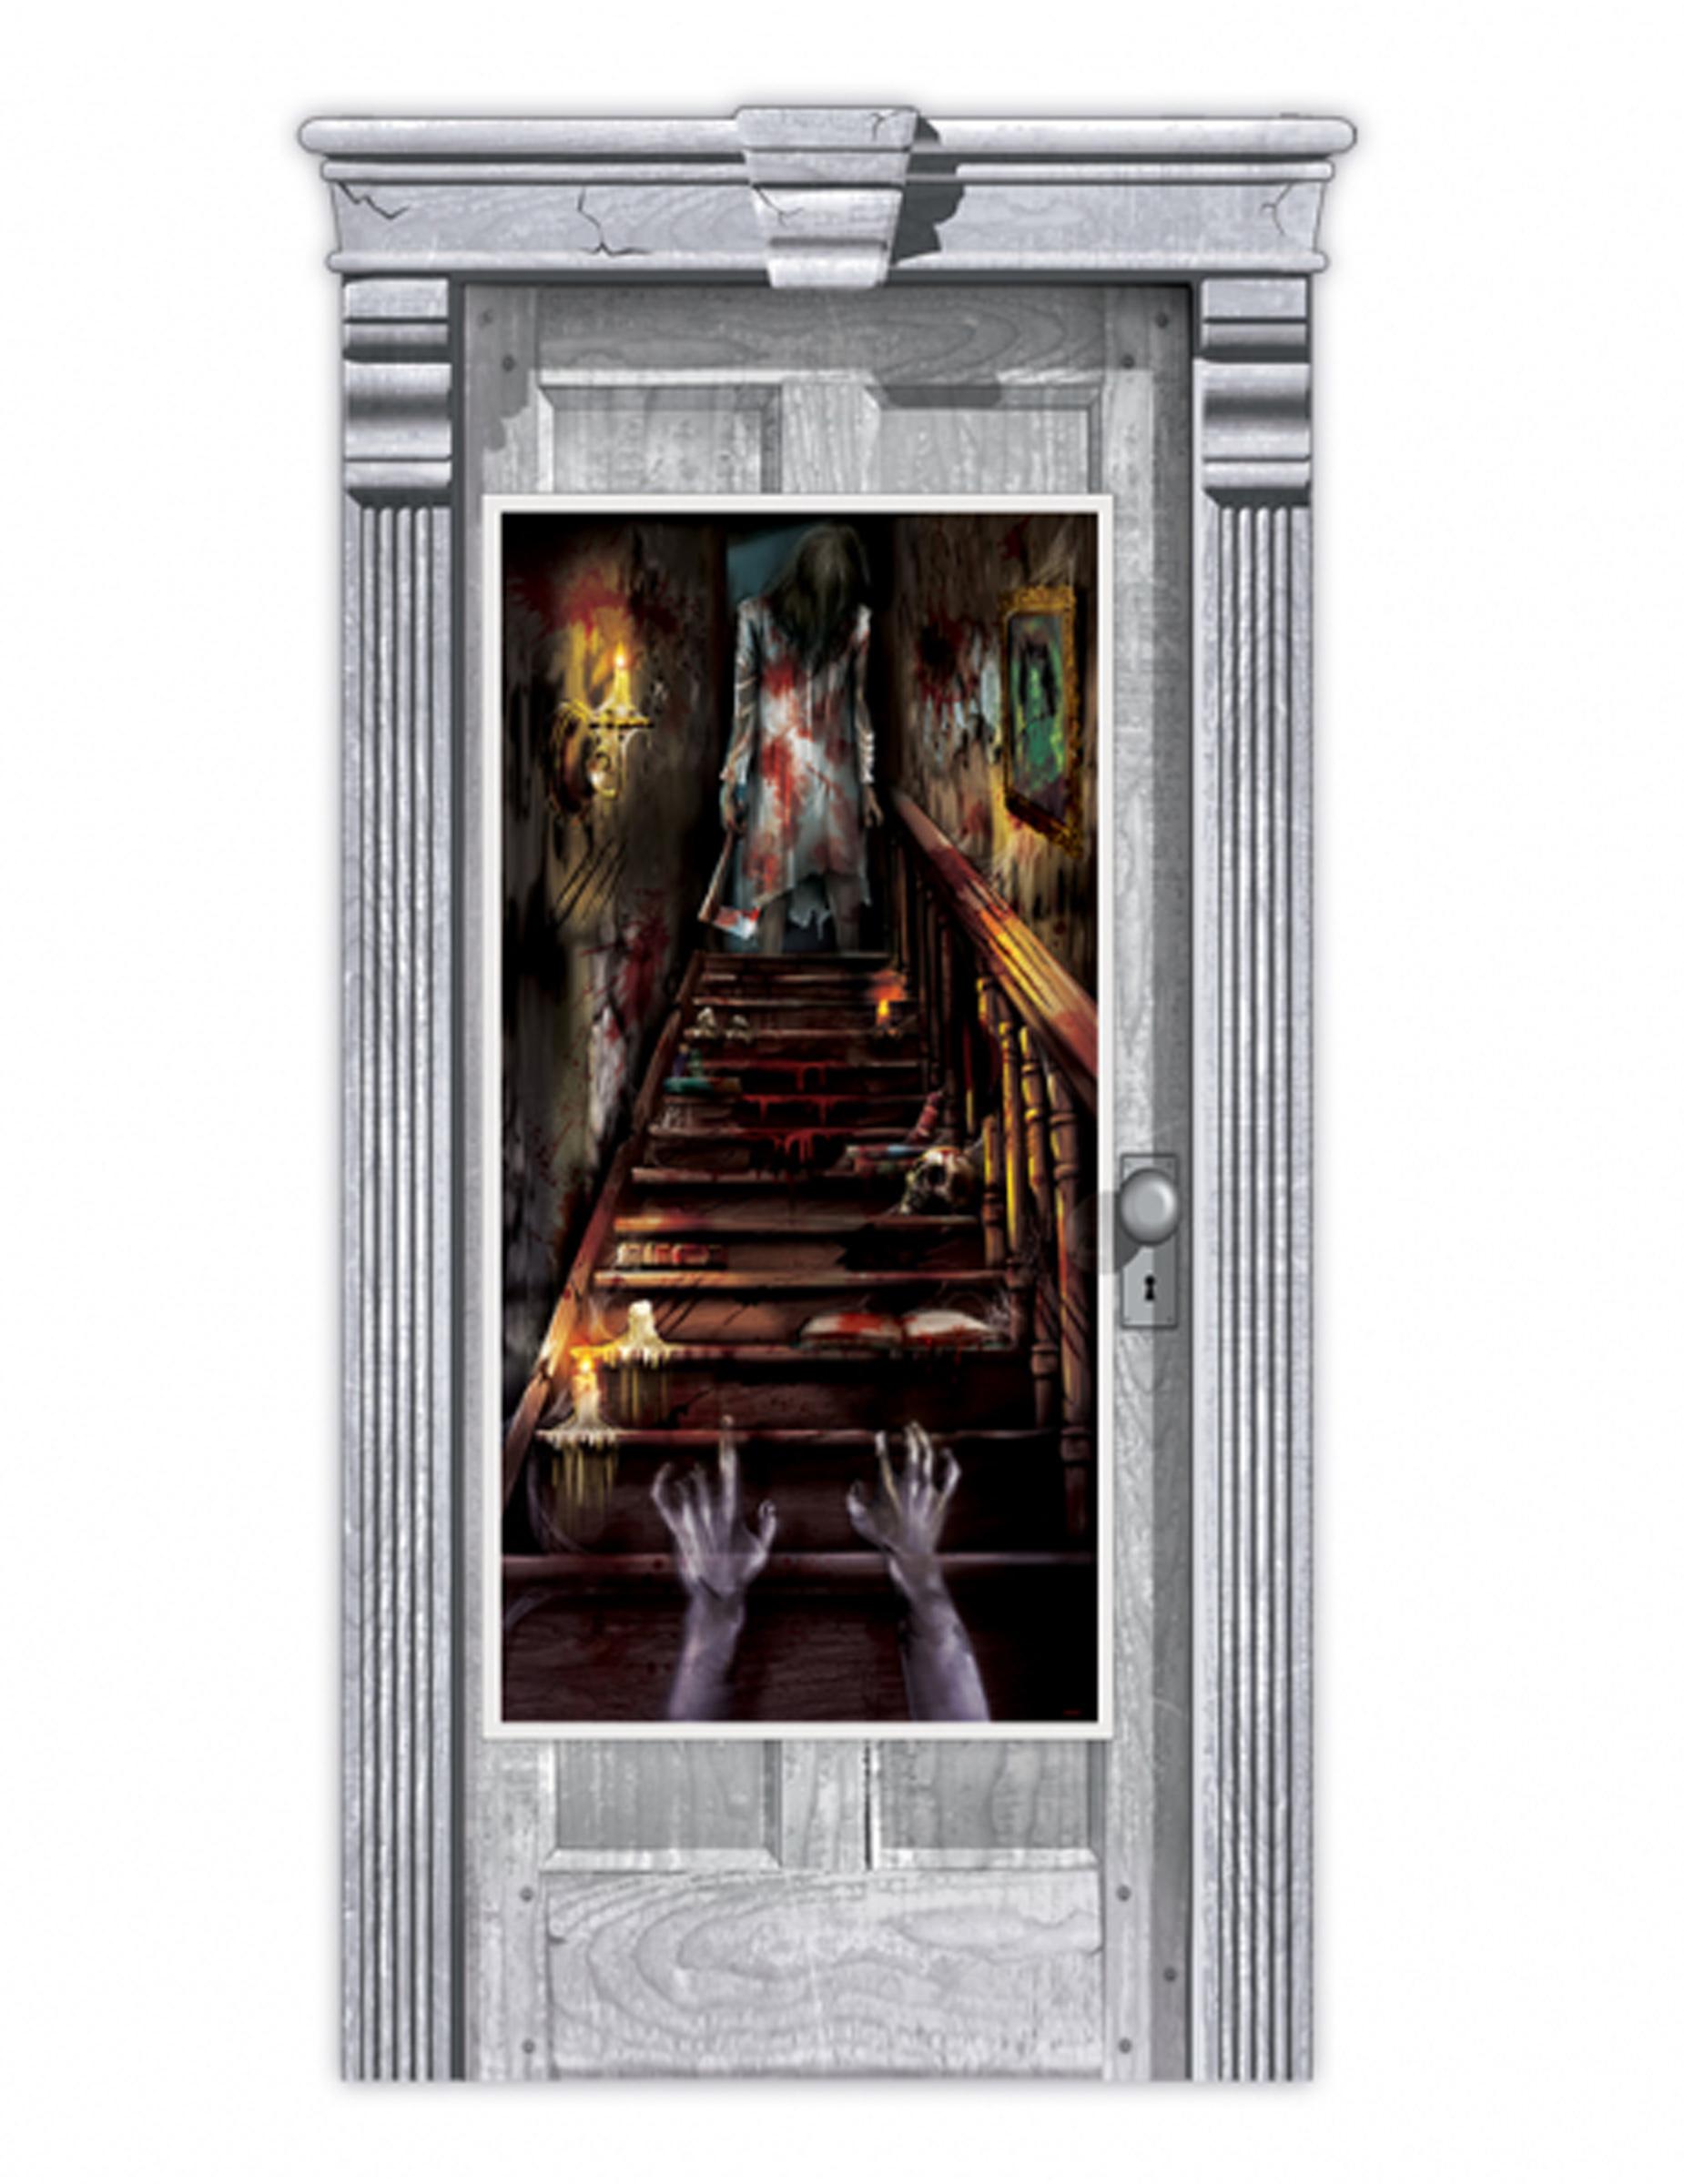 d coration de porte maison hant e zombie 165 x 85 cm d coration anniversaire et f tes th me. Black Bedroom Furniture Sets. Home Design Ideas